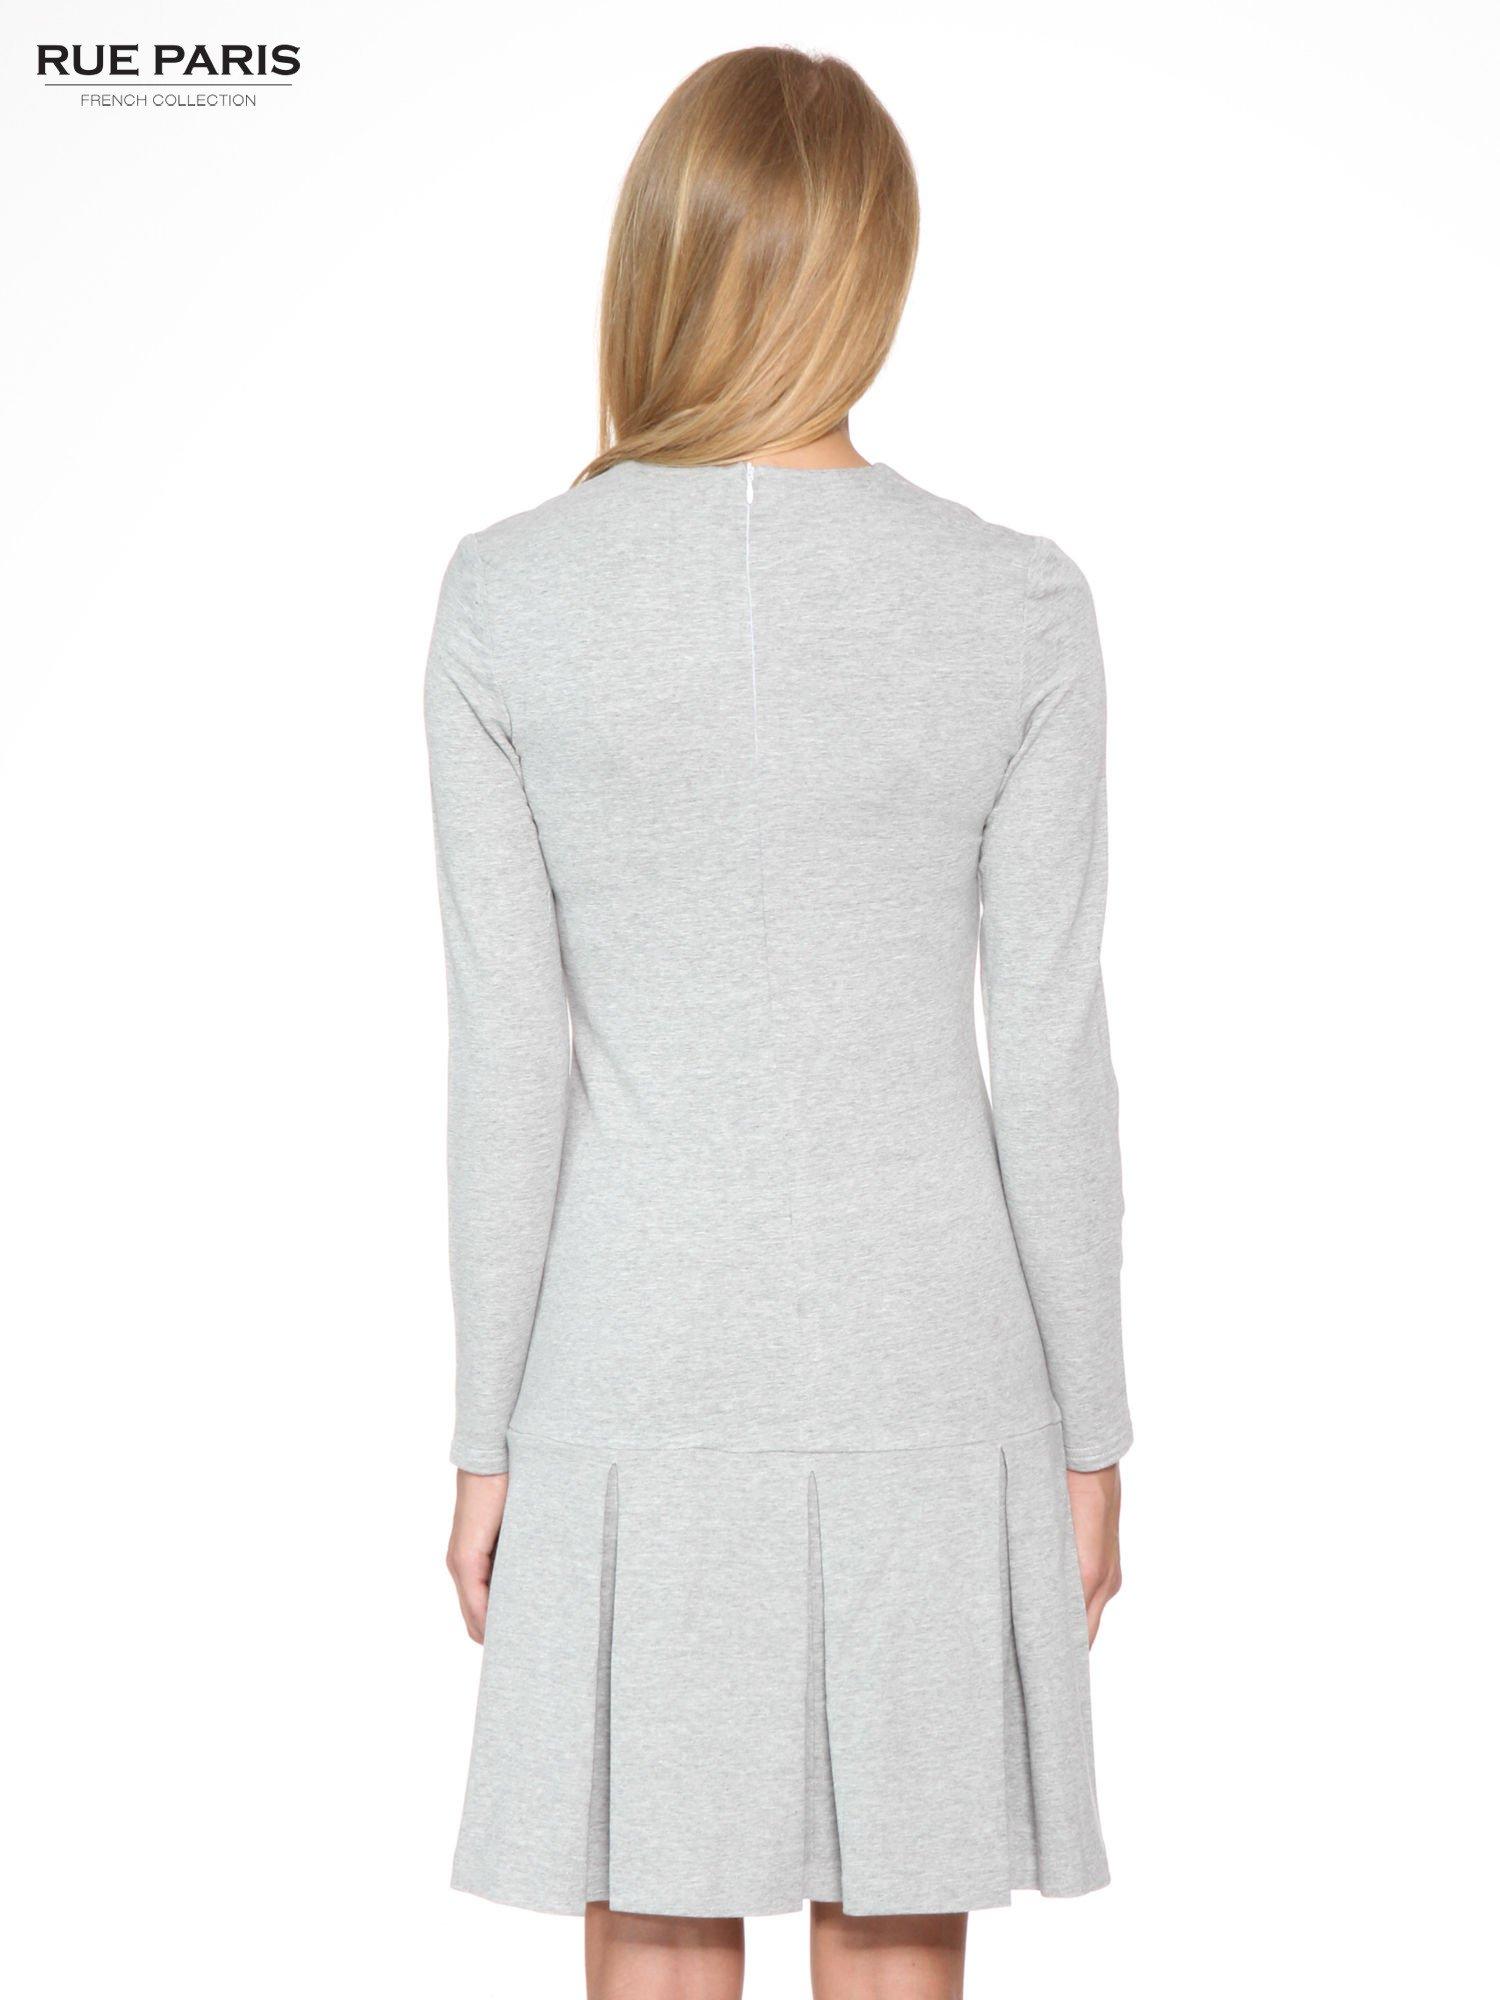 Szara dresowa sukienka z obniżoną talią i kontrafałdami                                  zdj.                                  4